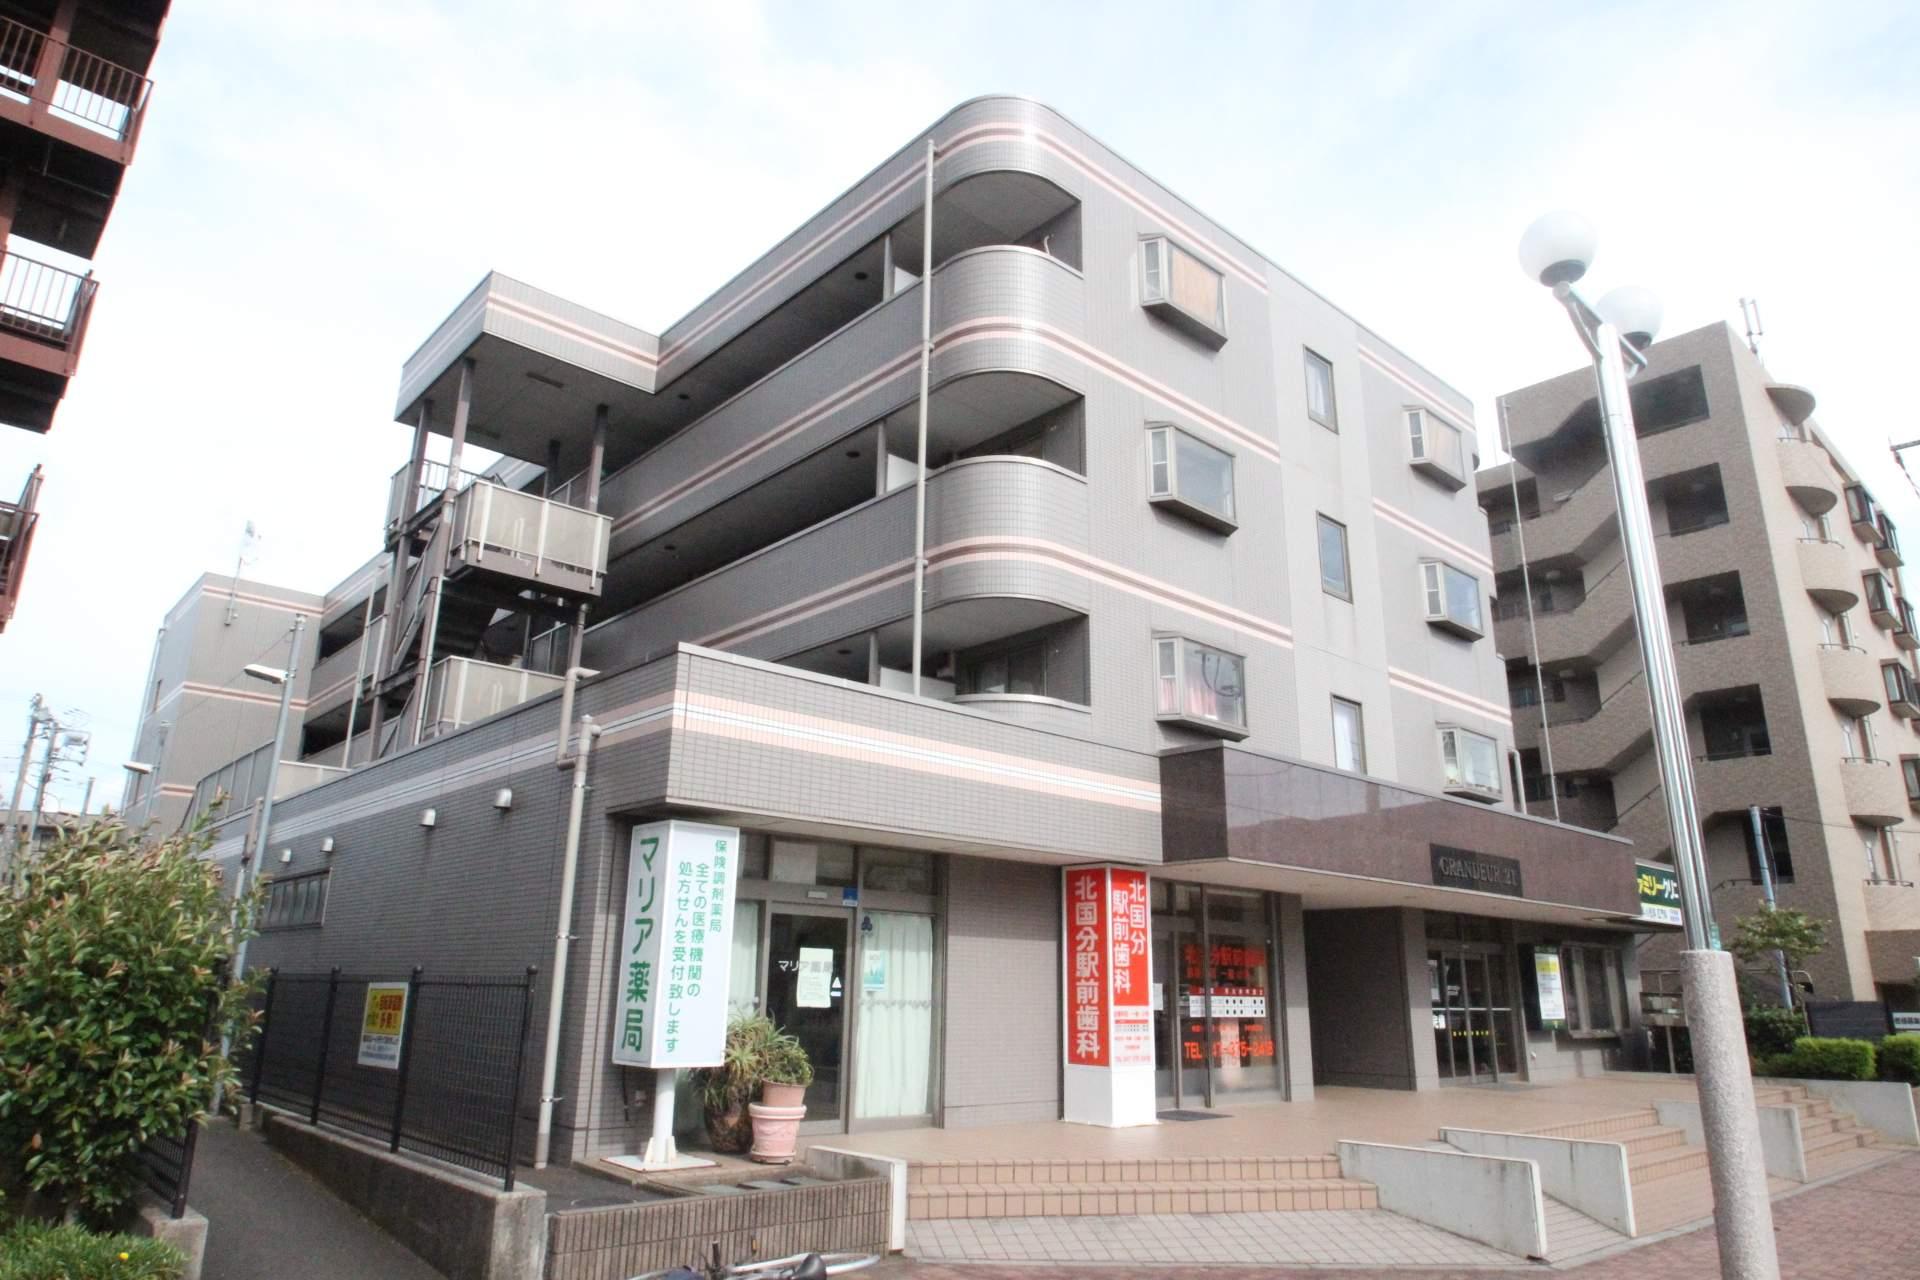 千葉県市川市、矢切駅徒歩26分の築17年 4階建の賃貸マンション